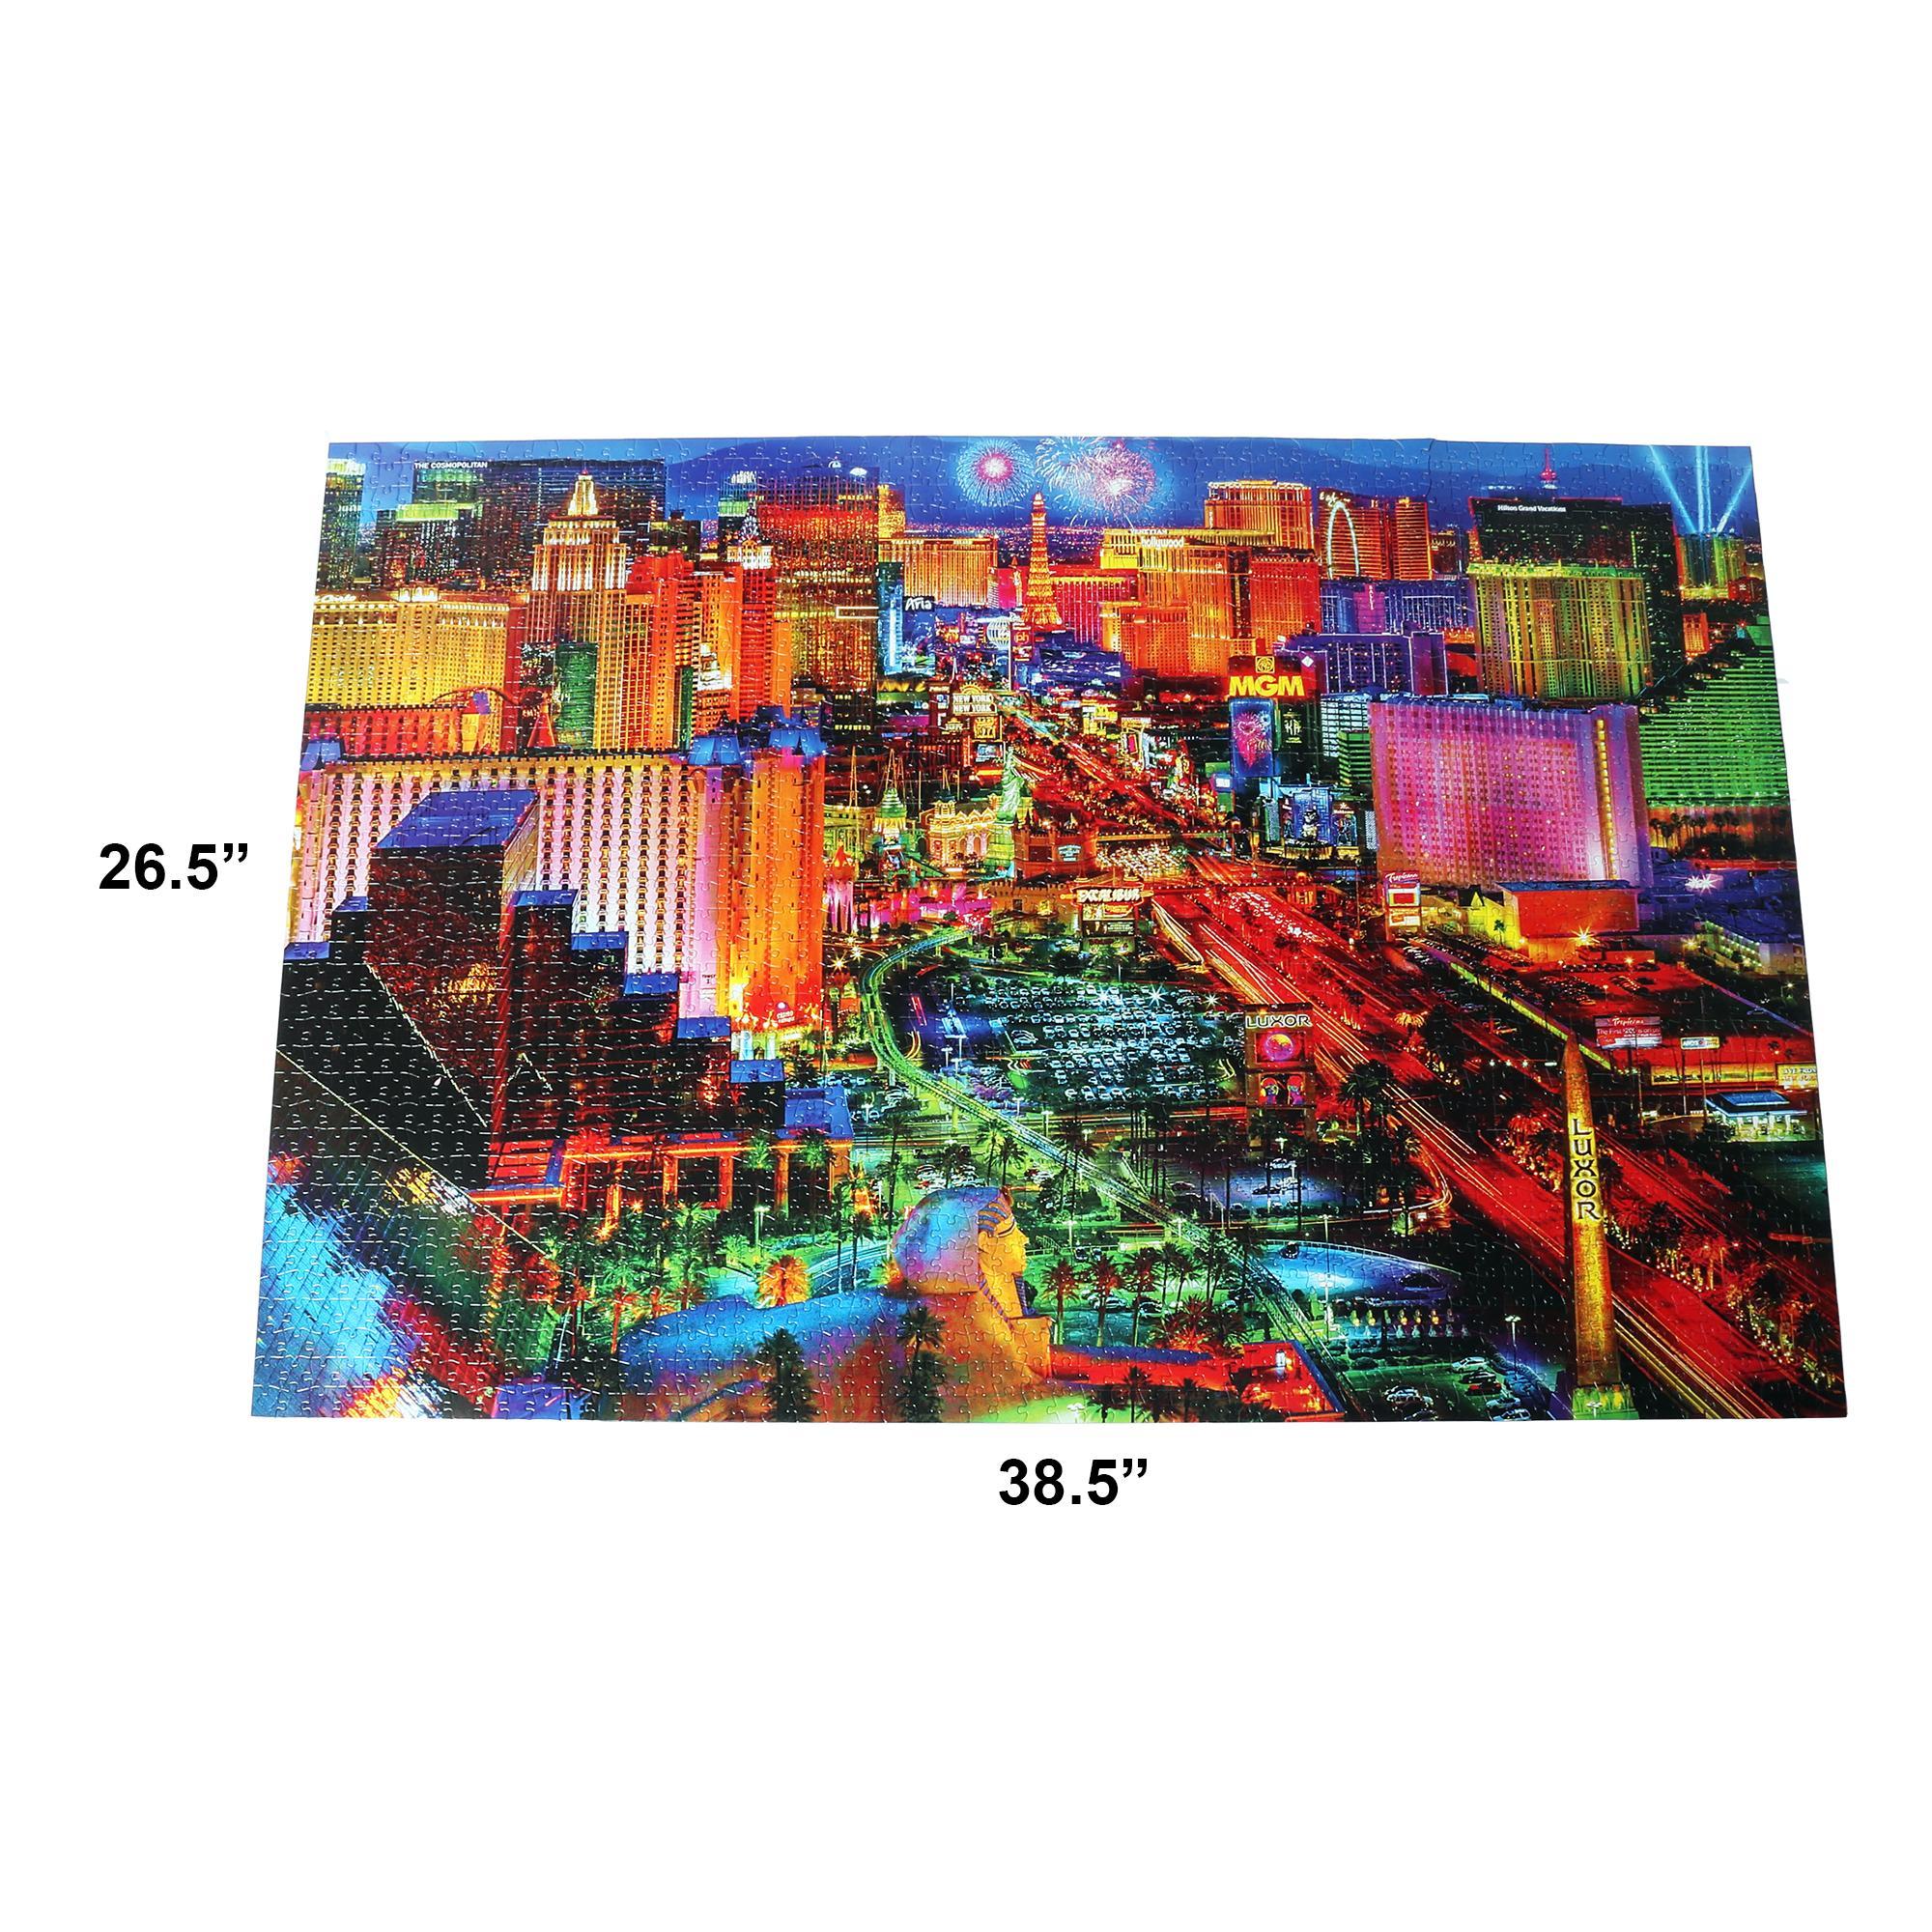 e709b307a528 Amazon.com  Buffalo Games - Cinque Terre - 2000 Piece Jigsaw Puzzle ...